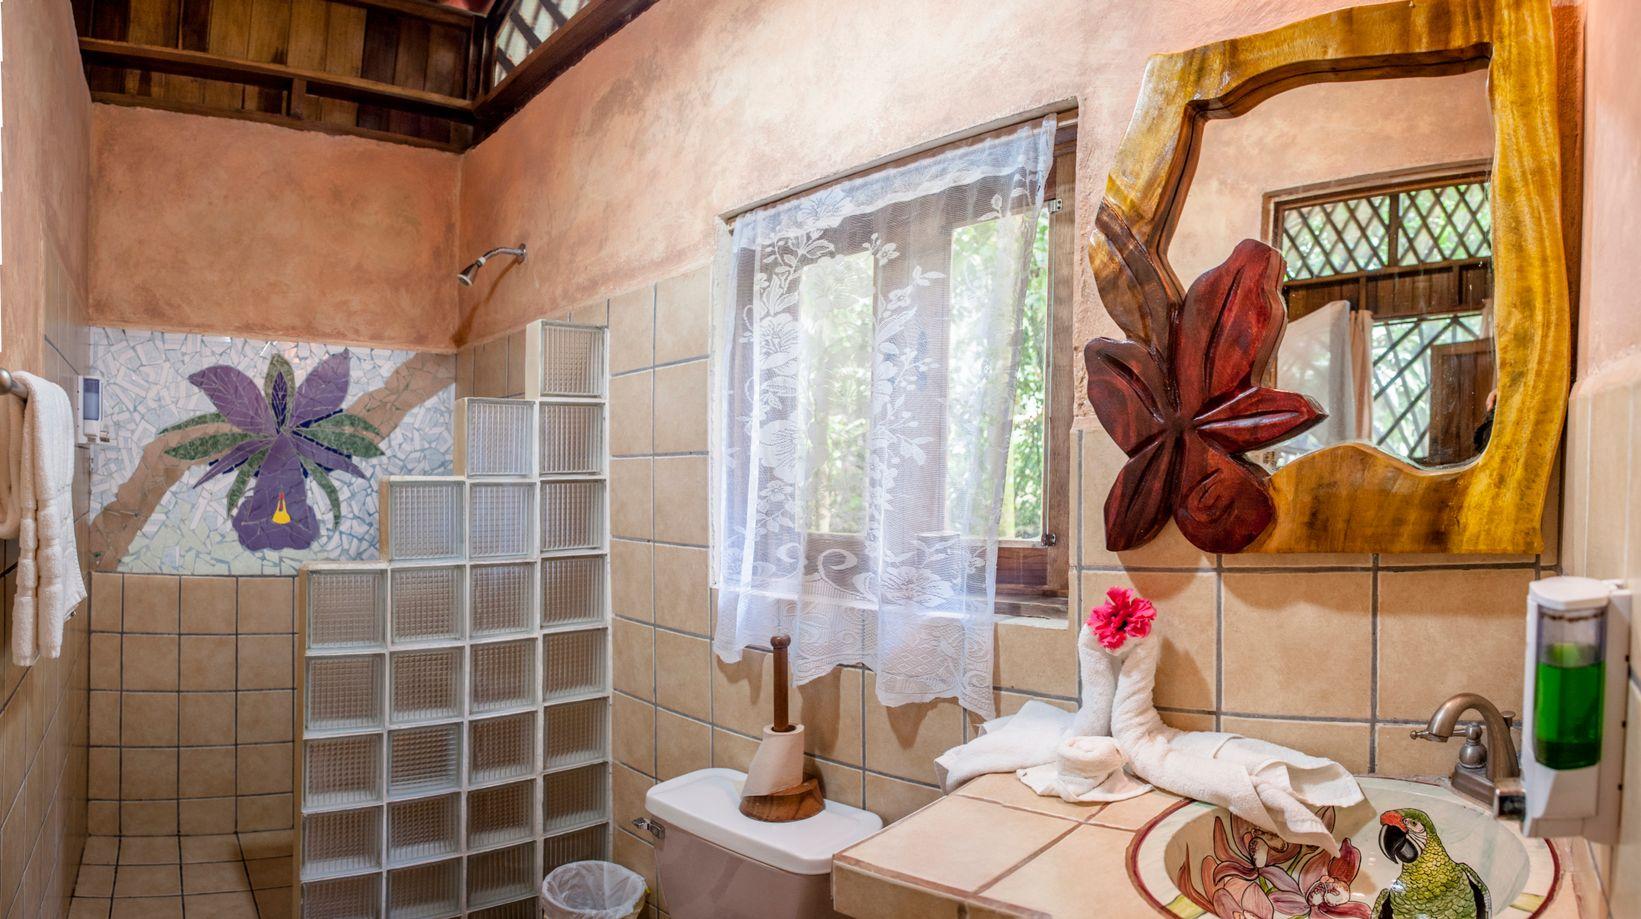 Bungalow Bathroom 2.jpeg